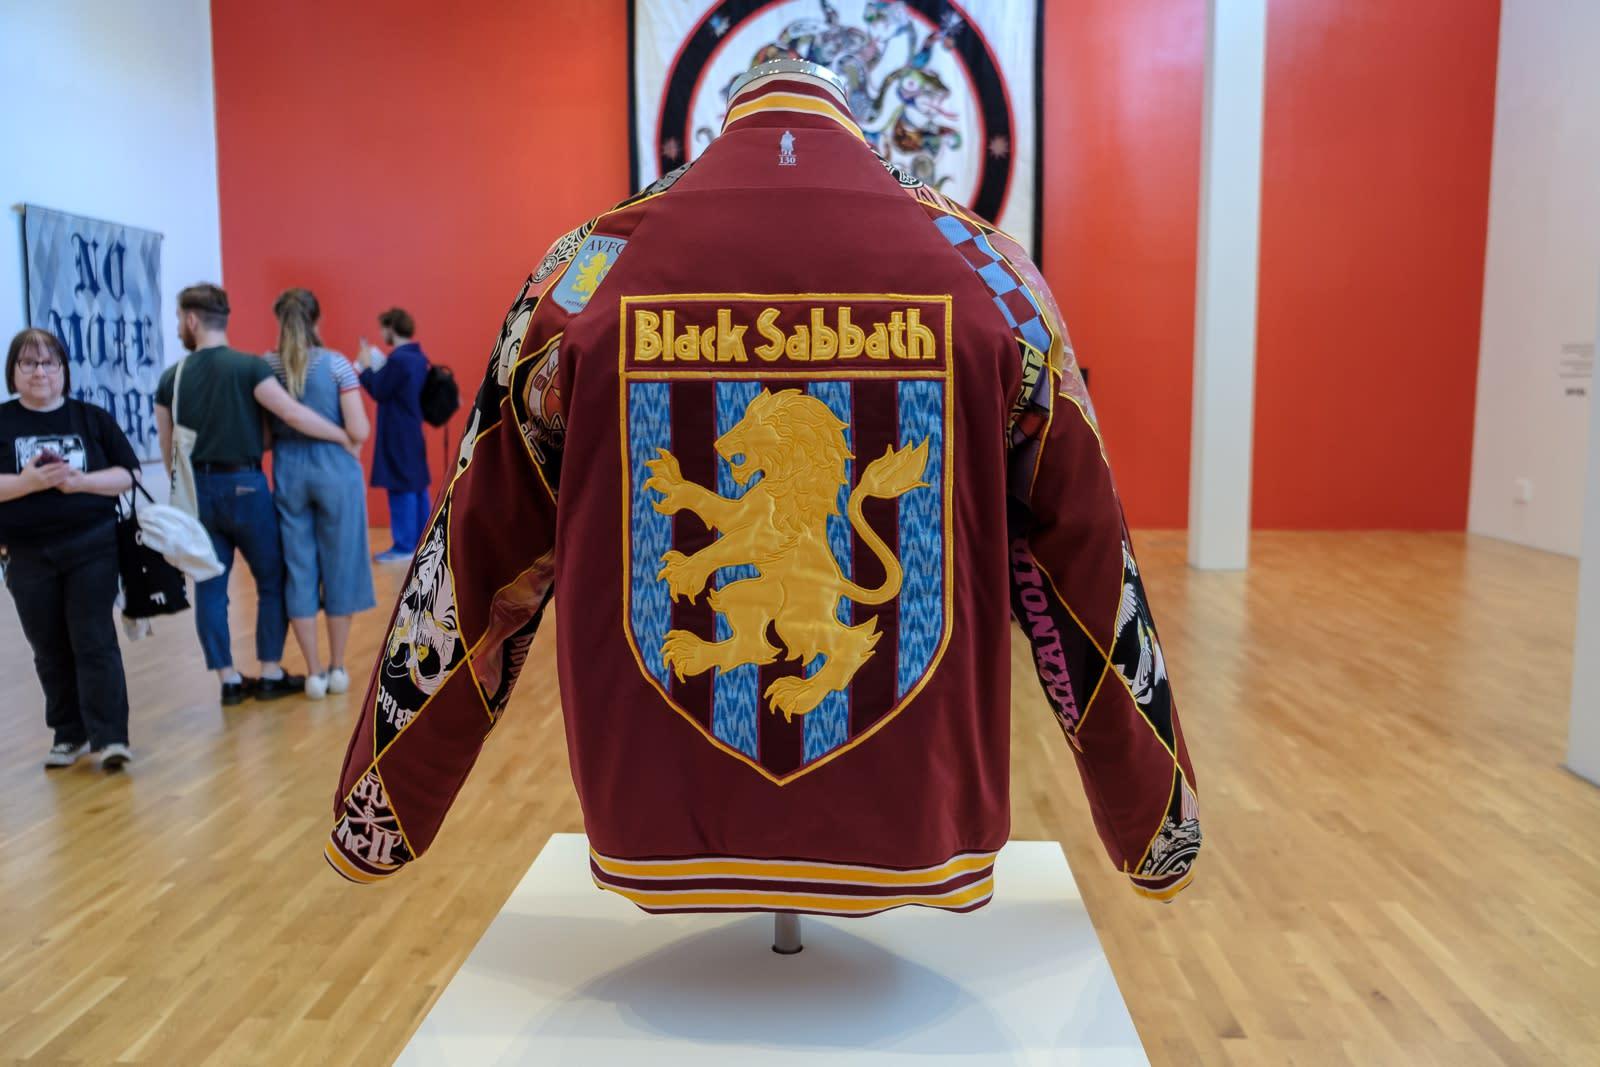 Embroidered/quilted jacket by artist Ben Venom, featuring Black Sabbath lion crest